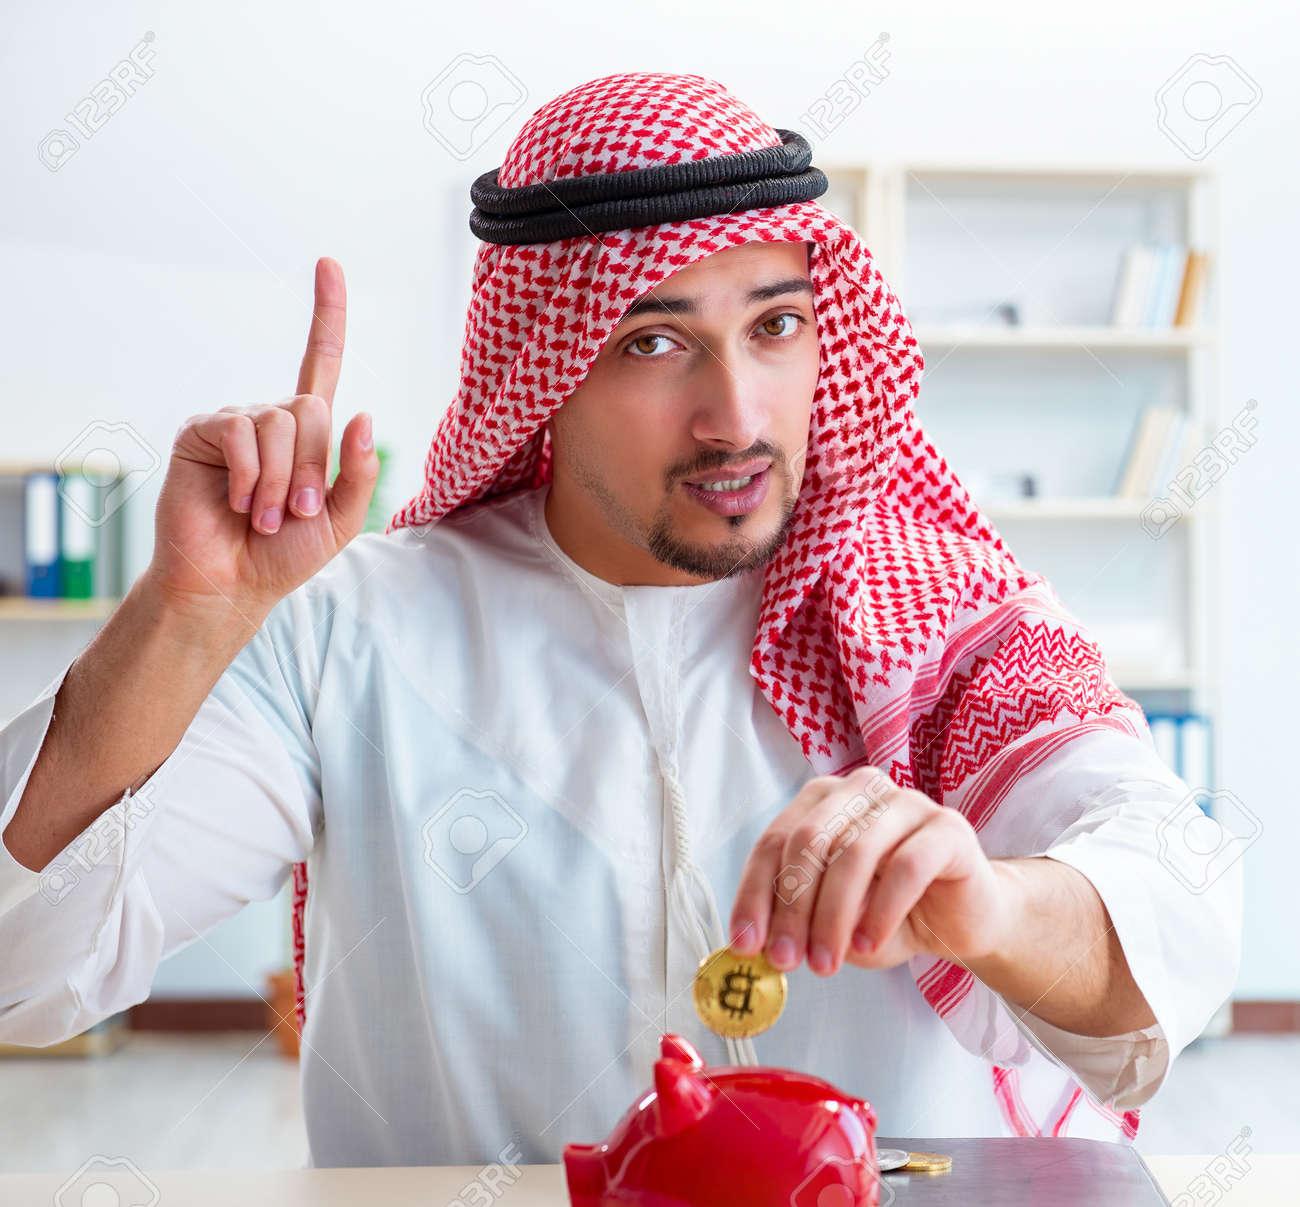 arab bitcoin